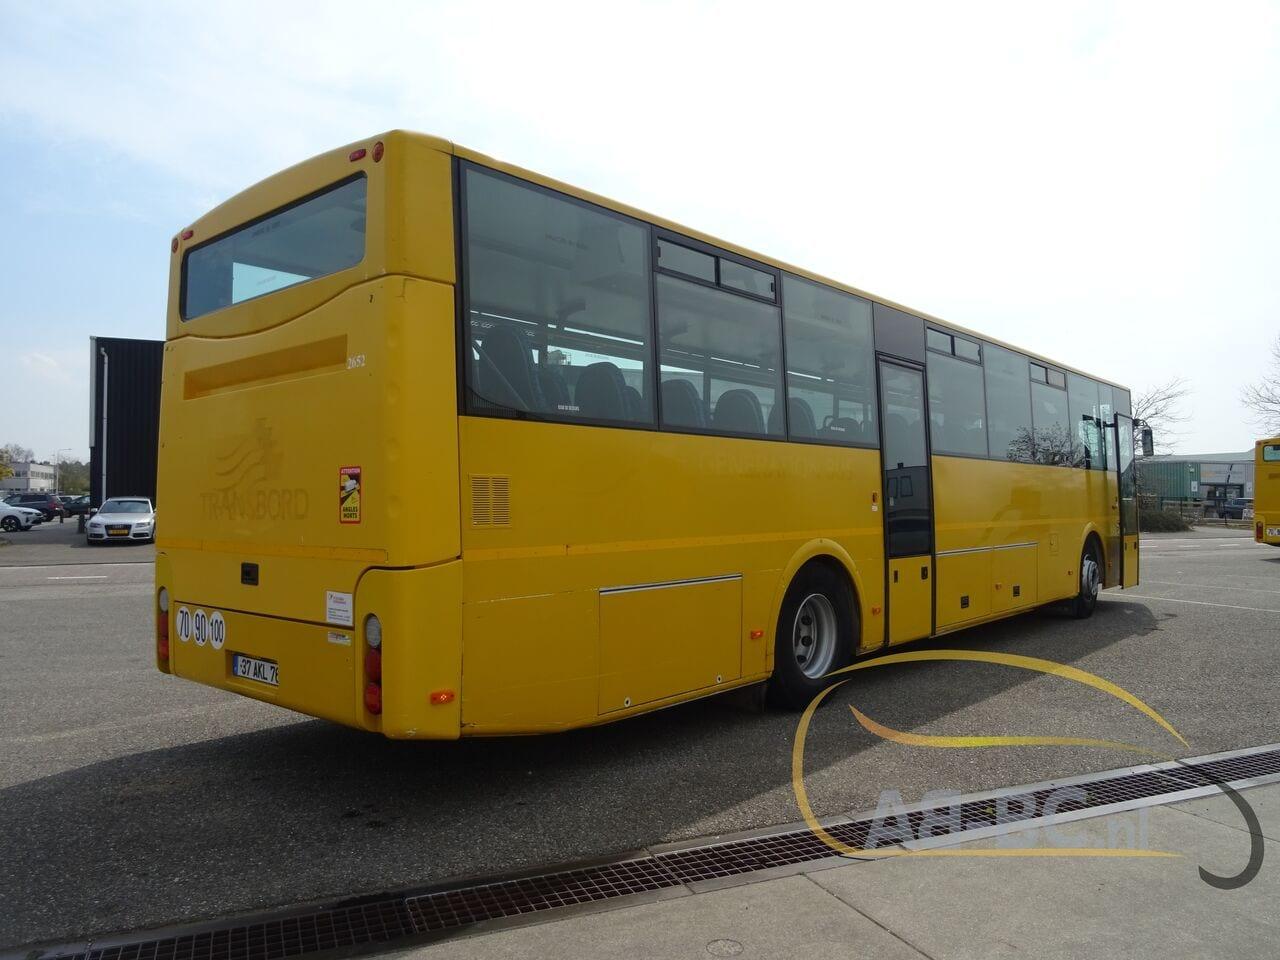 interurban-busMAN-Fast-64-seats---1619619663030083071_big_f88fe0932e4cb47007c62198f45f05af--21042817163019598600